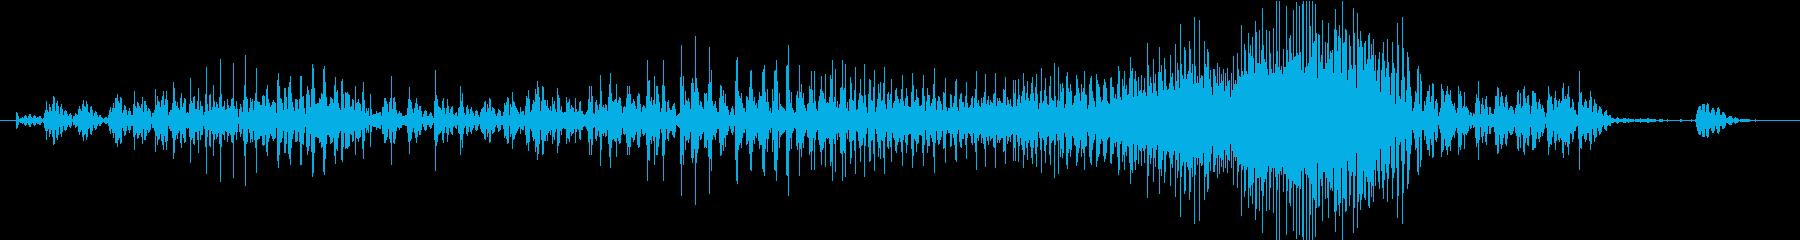 Zip ファスナーを閉める音の再生済みの波形